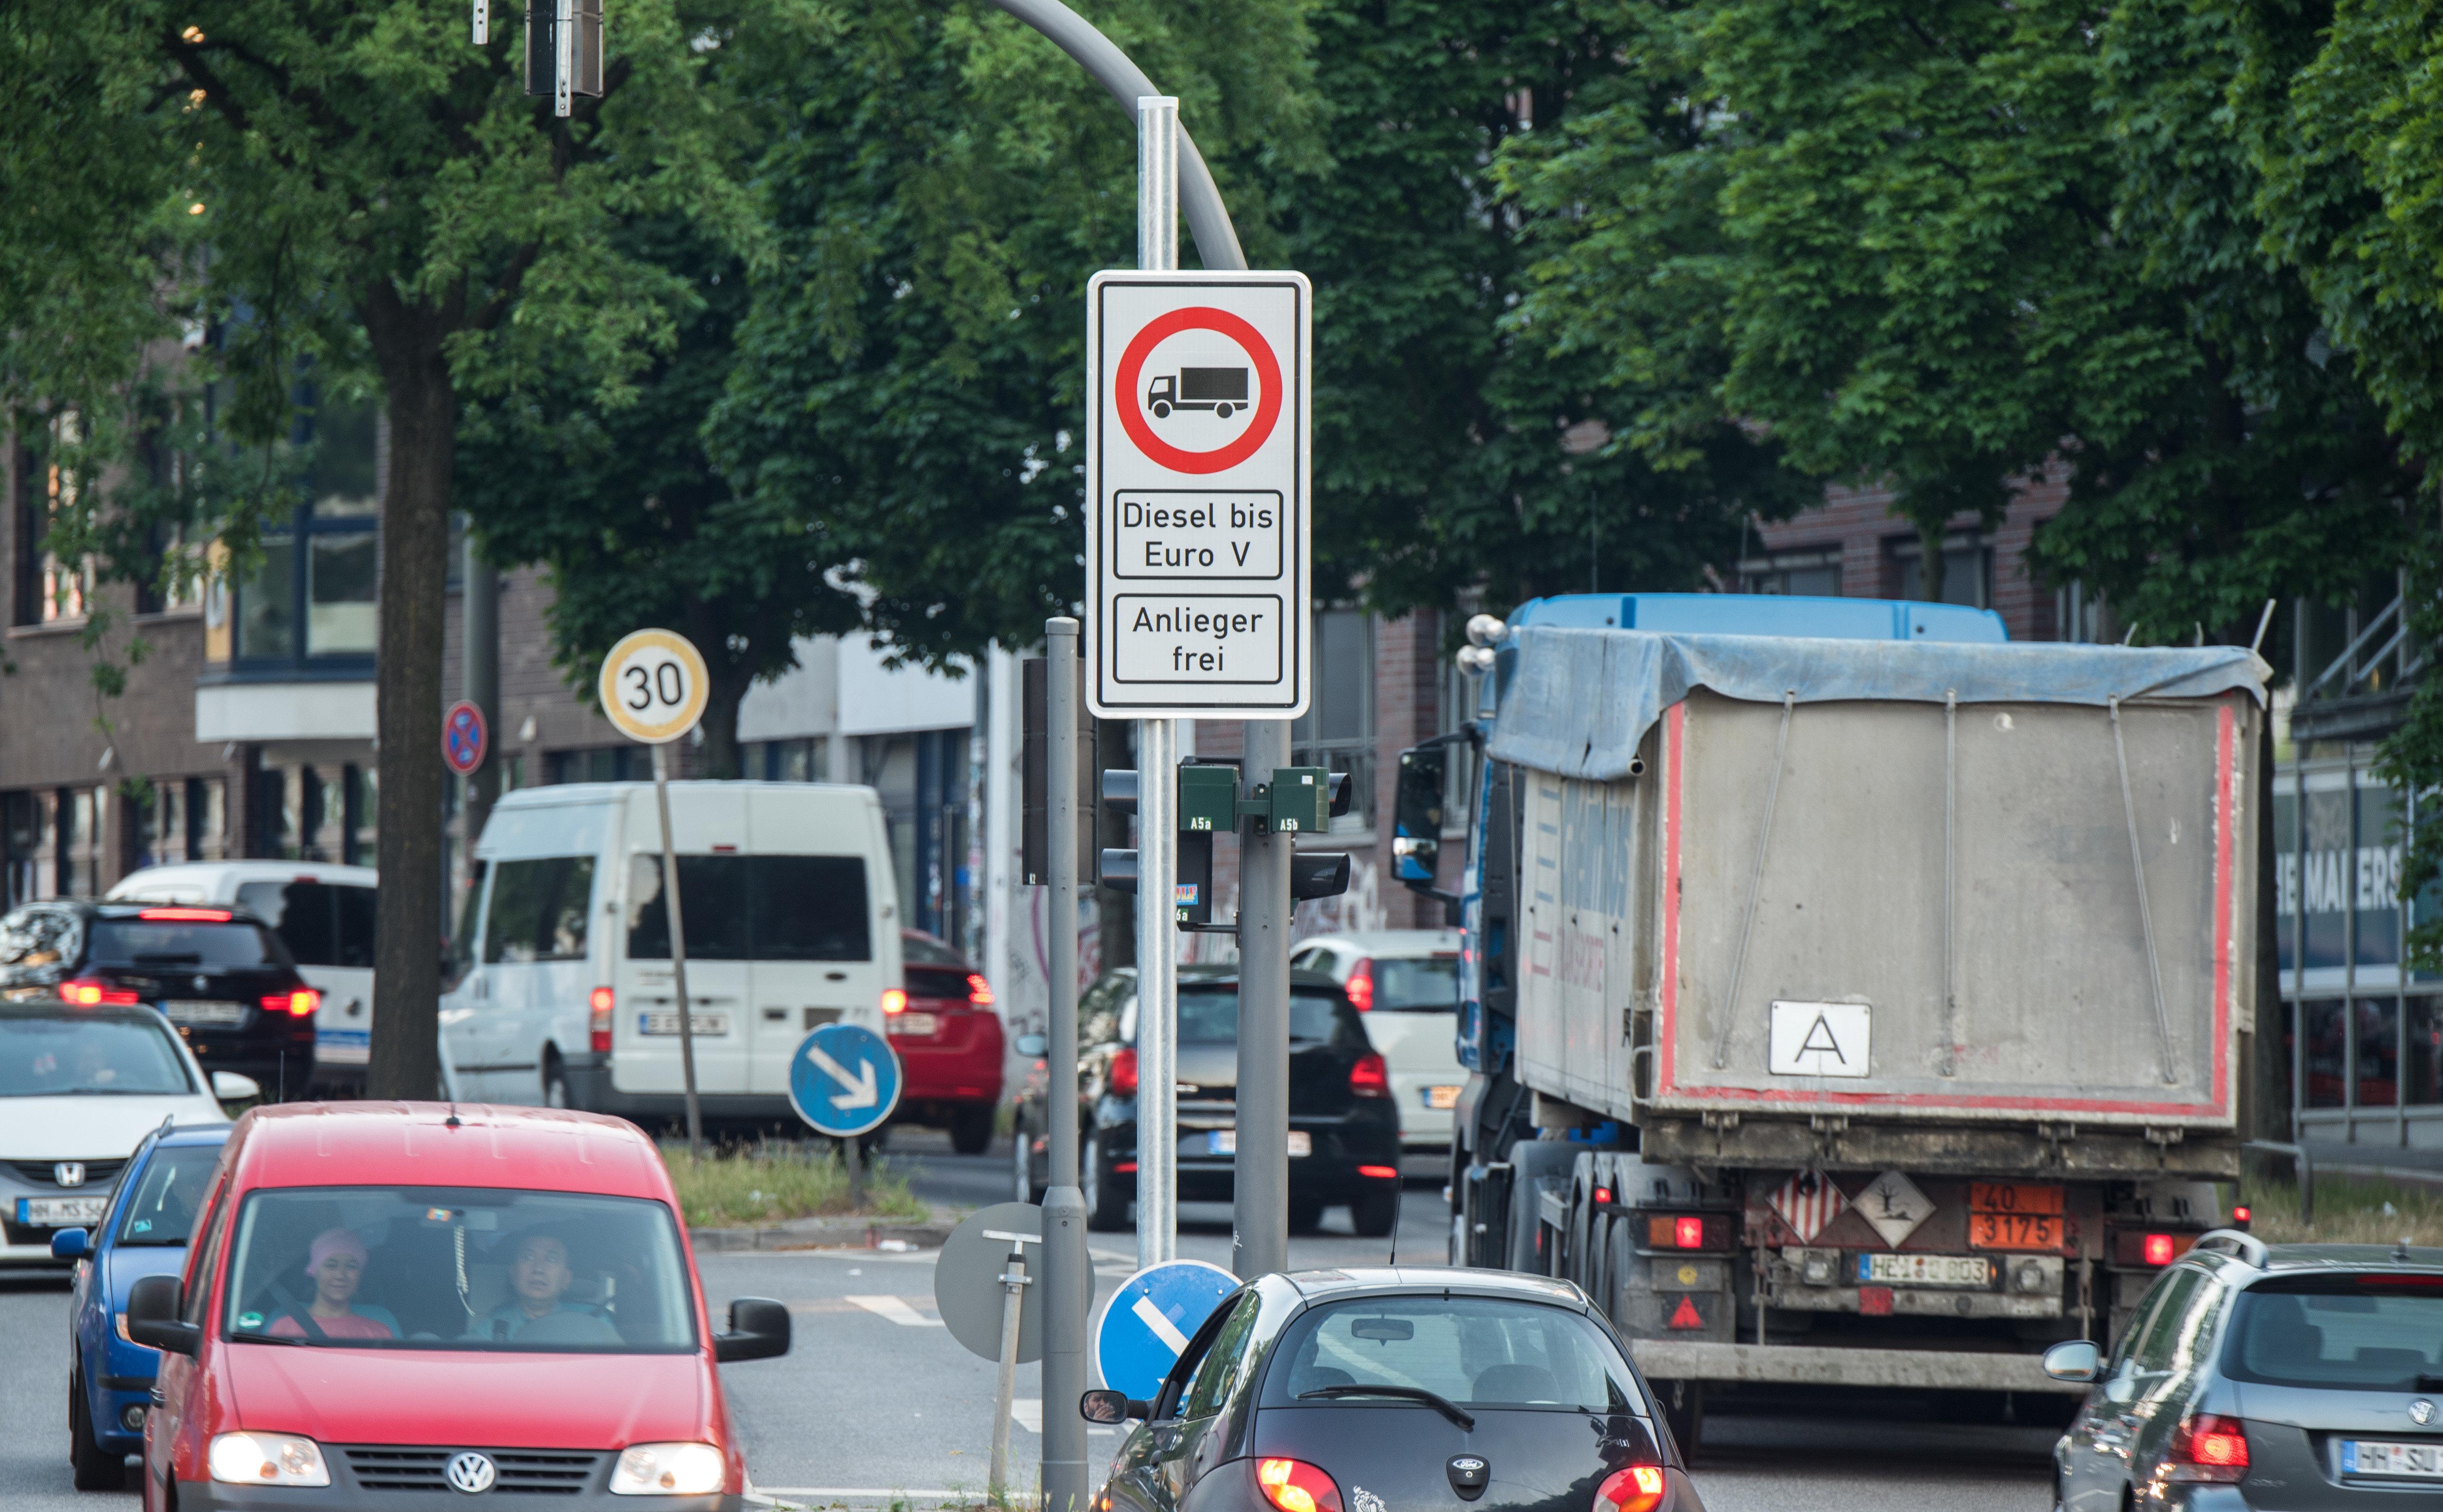 Hamburgs Fahrverbot ist ein Witz: Sperrt endlich alle Benziner aus Städten